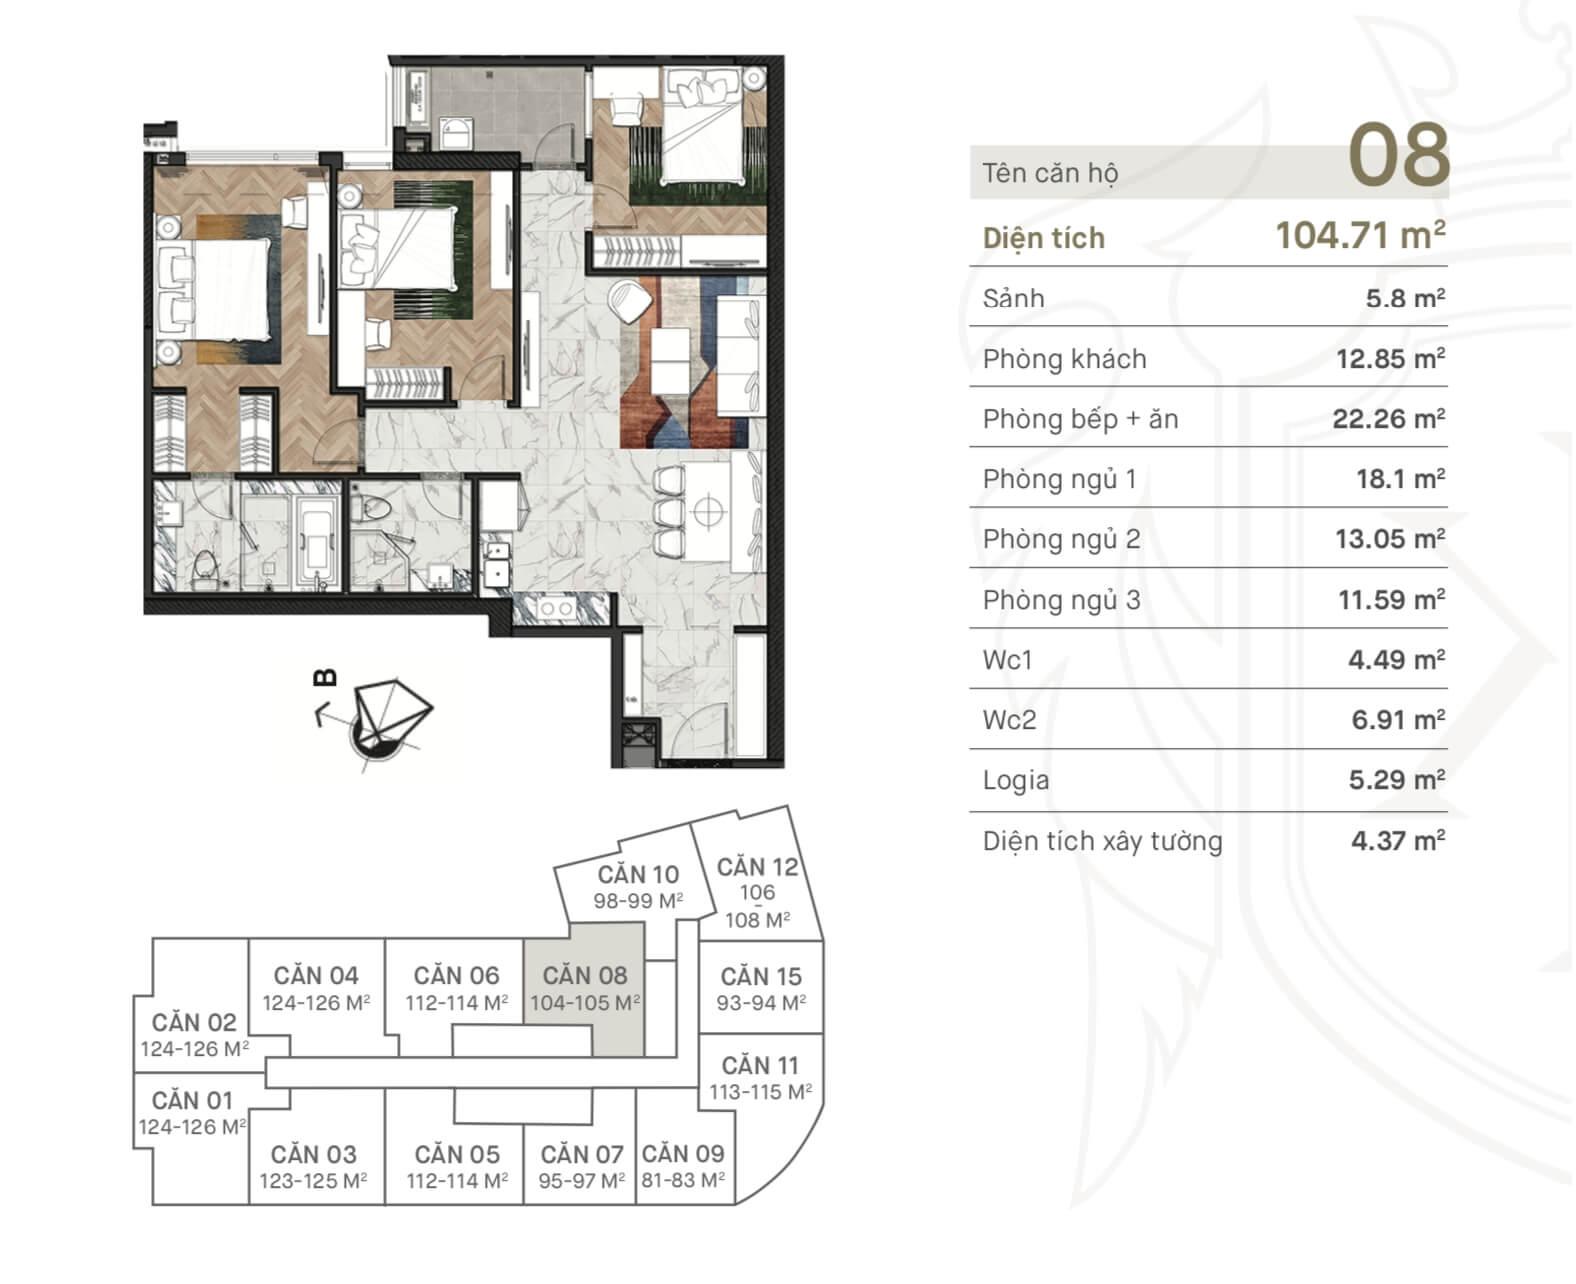 Thiết kế căn hộ 08 dự án King Palace